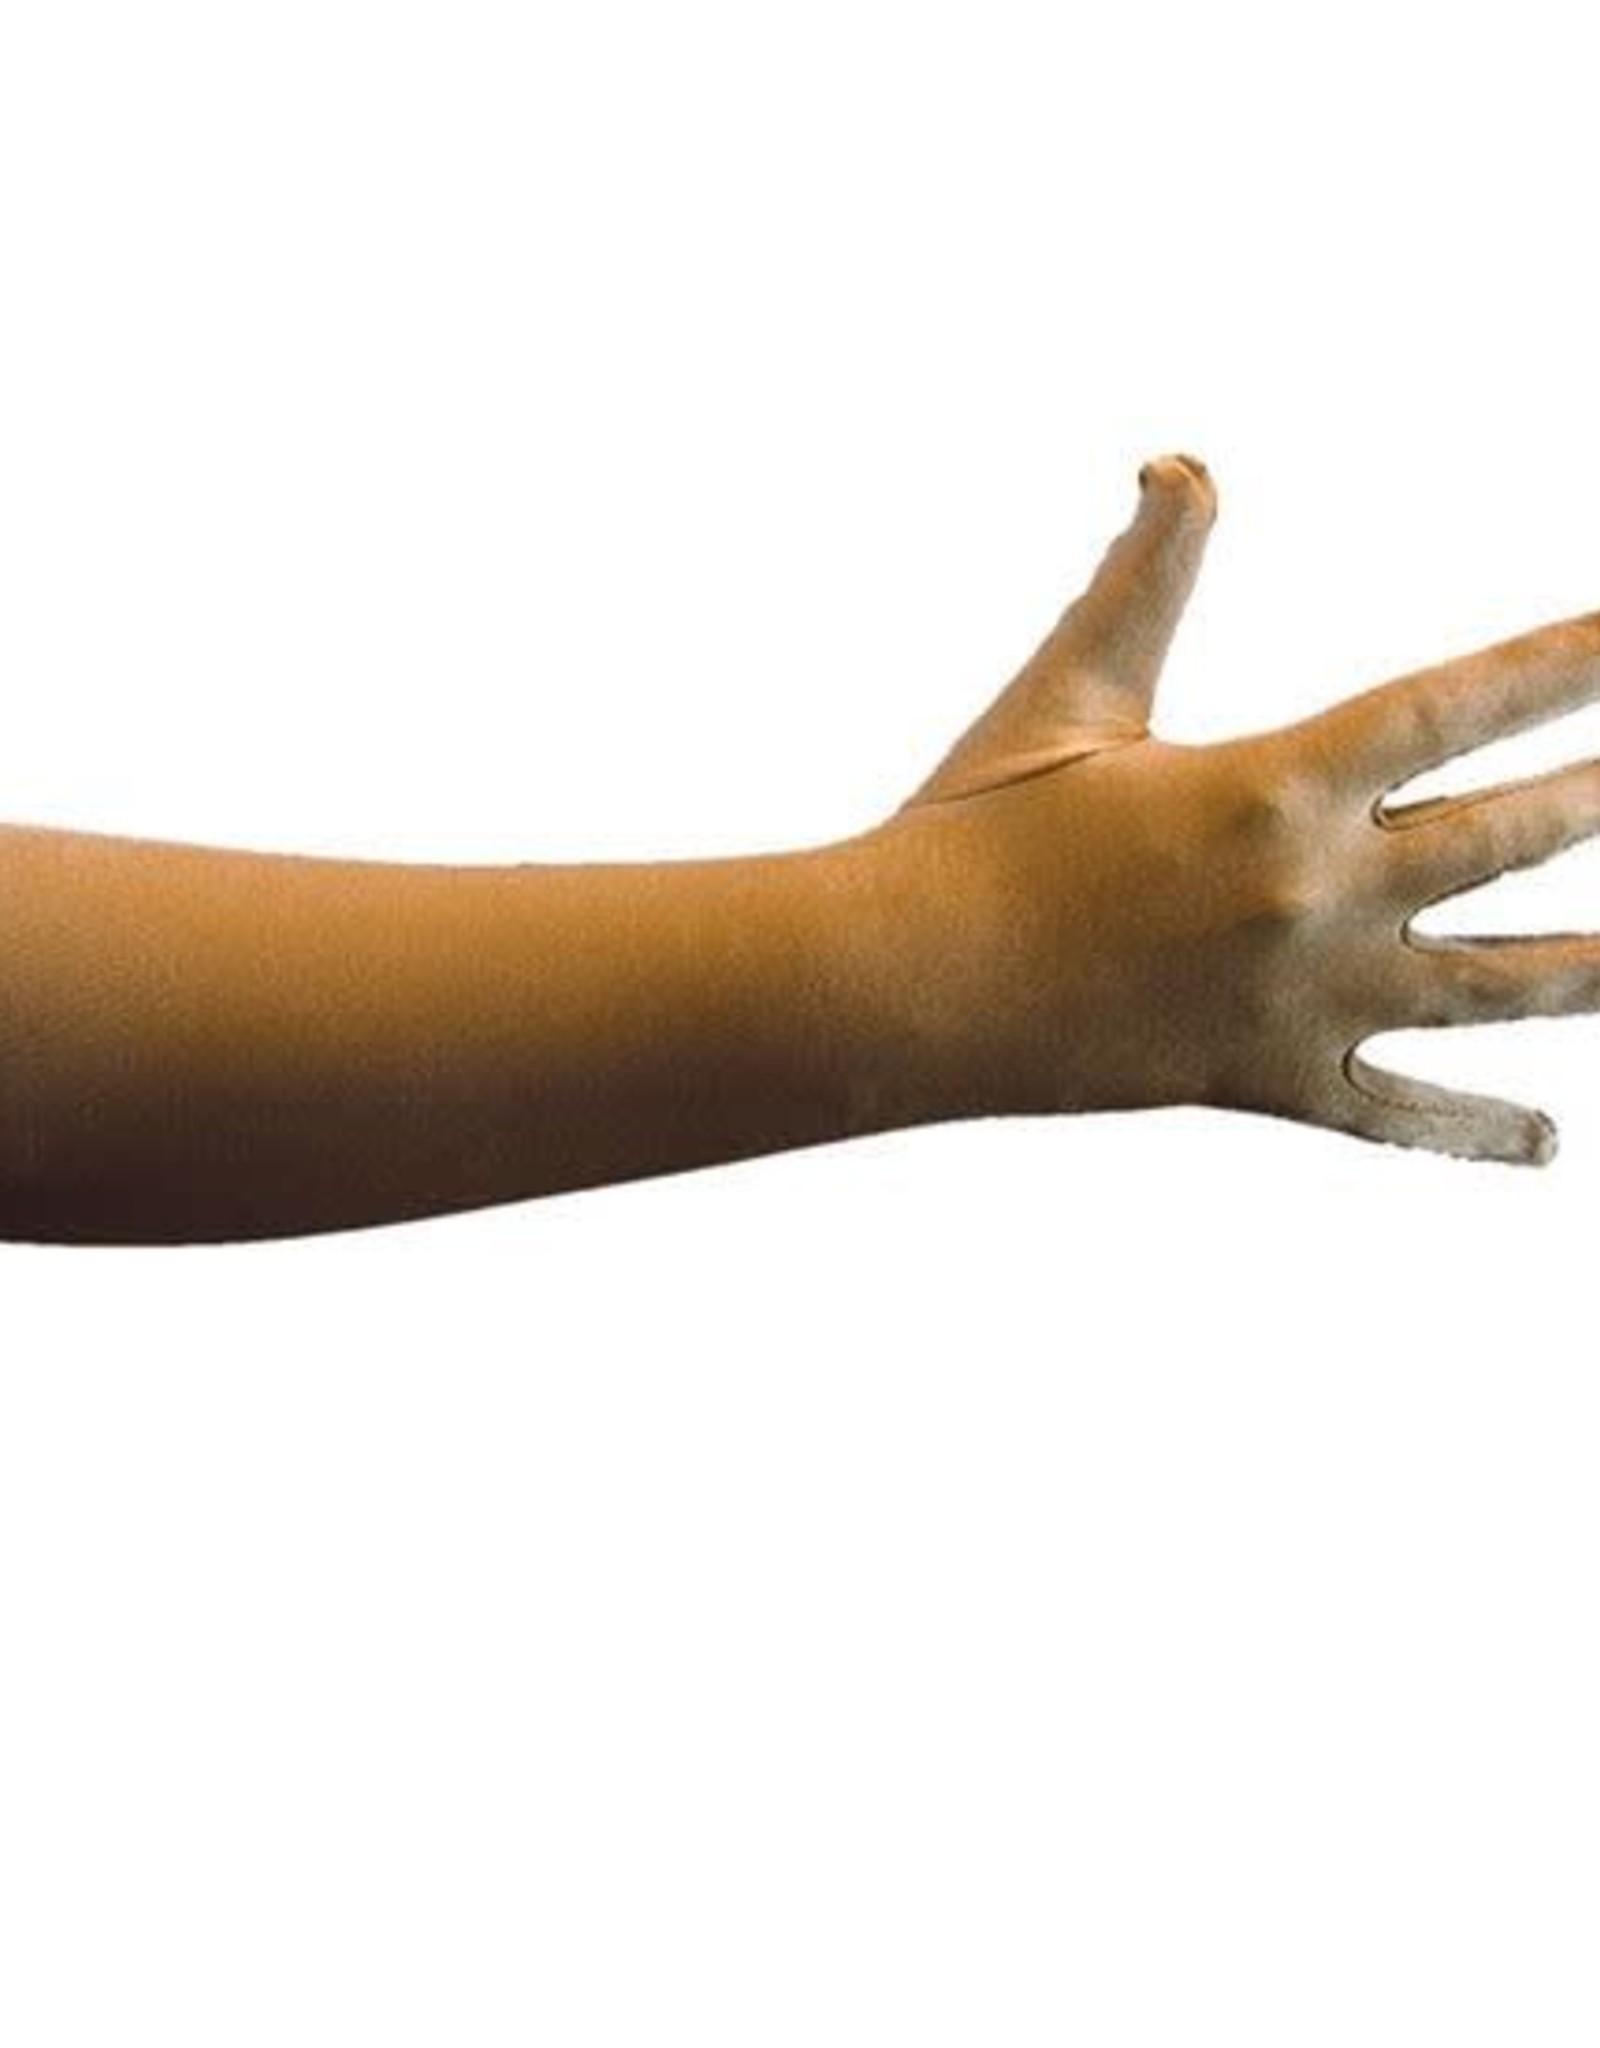 WITBAARD handschoenen 40  cm satijn goud